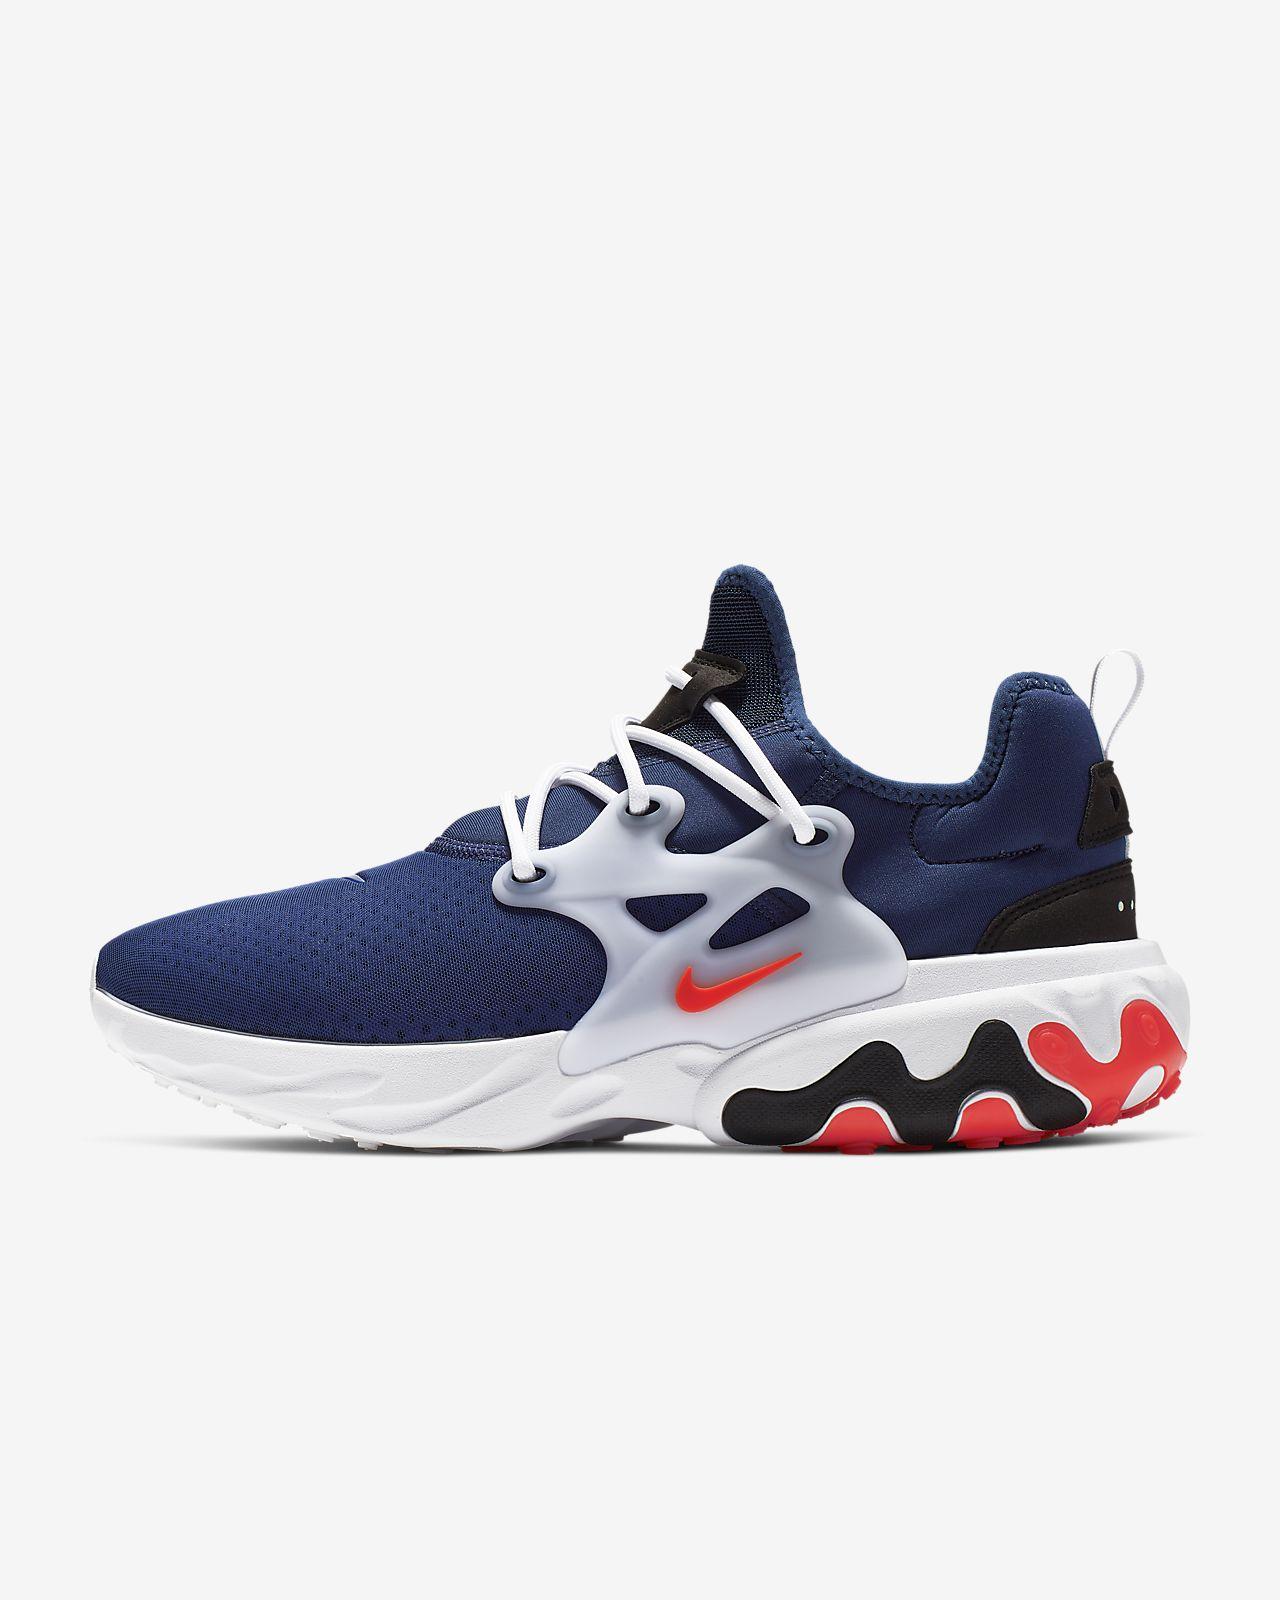 รองเท้าผู้ชาย Nike React Presto Rabid Panda